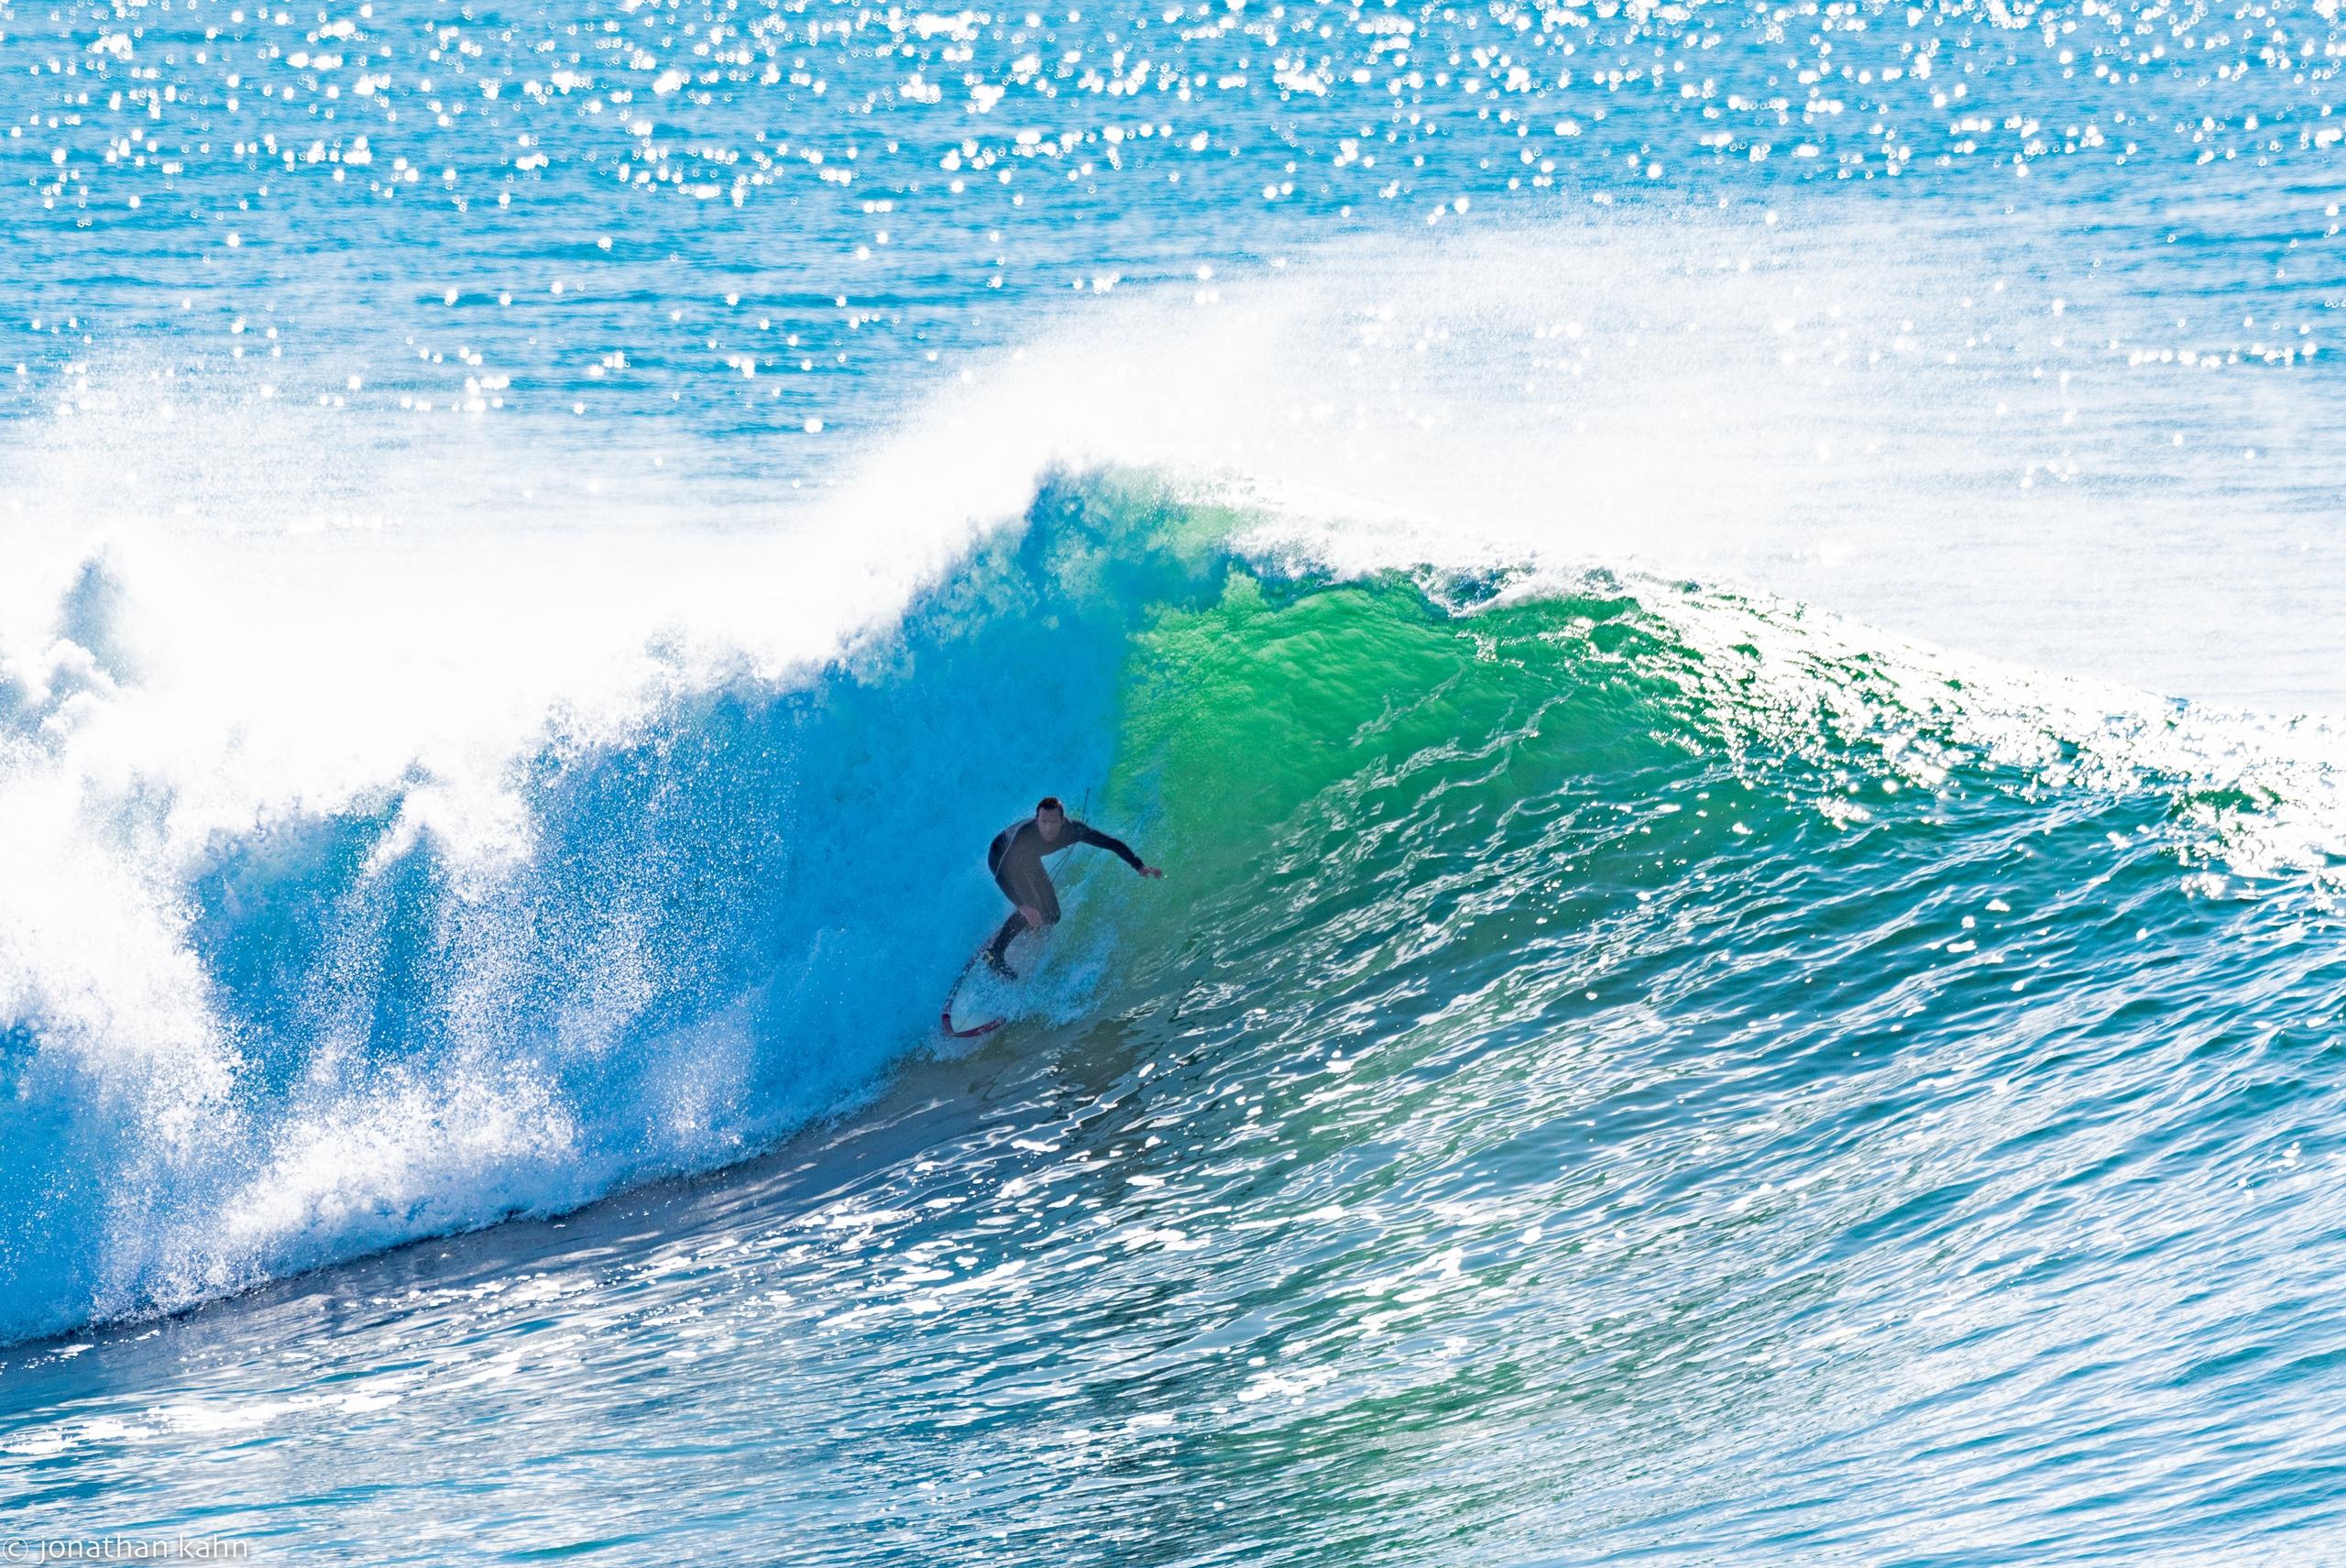 Surfer- Running the tube.jpg